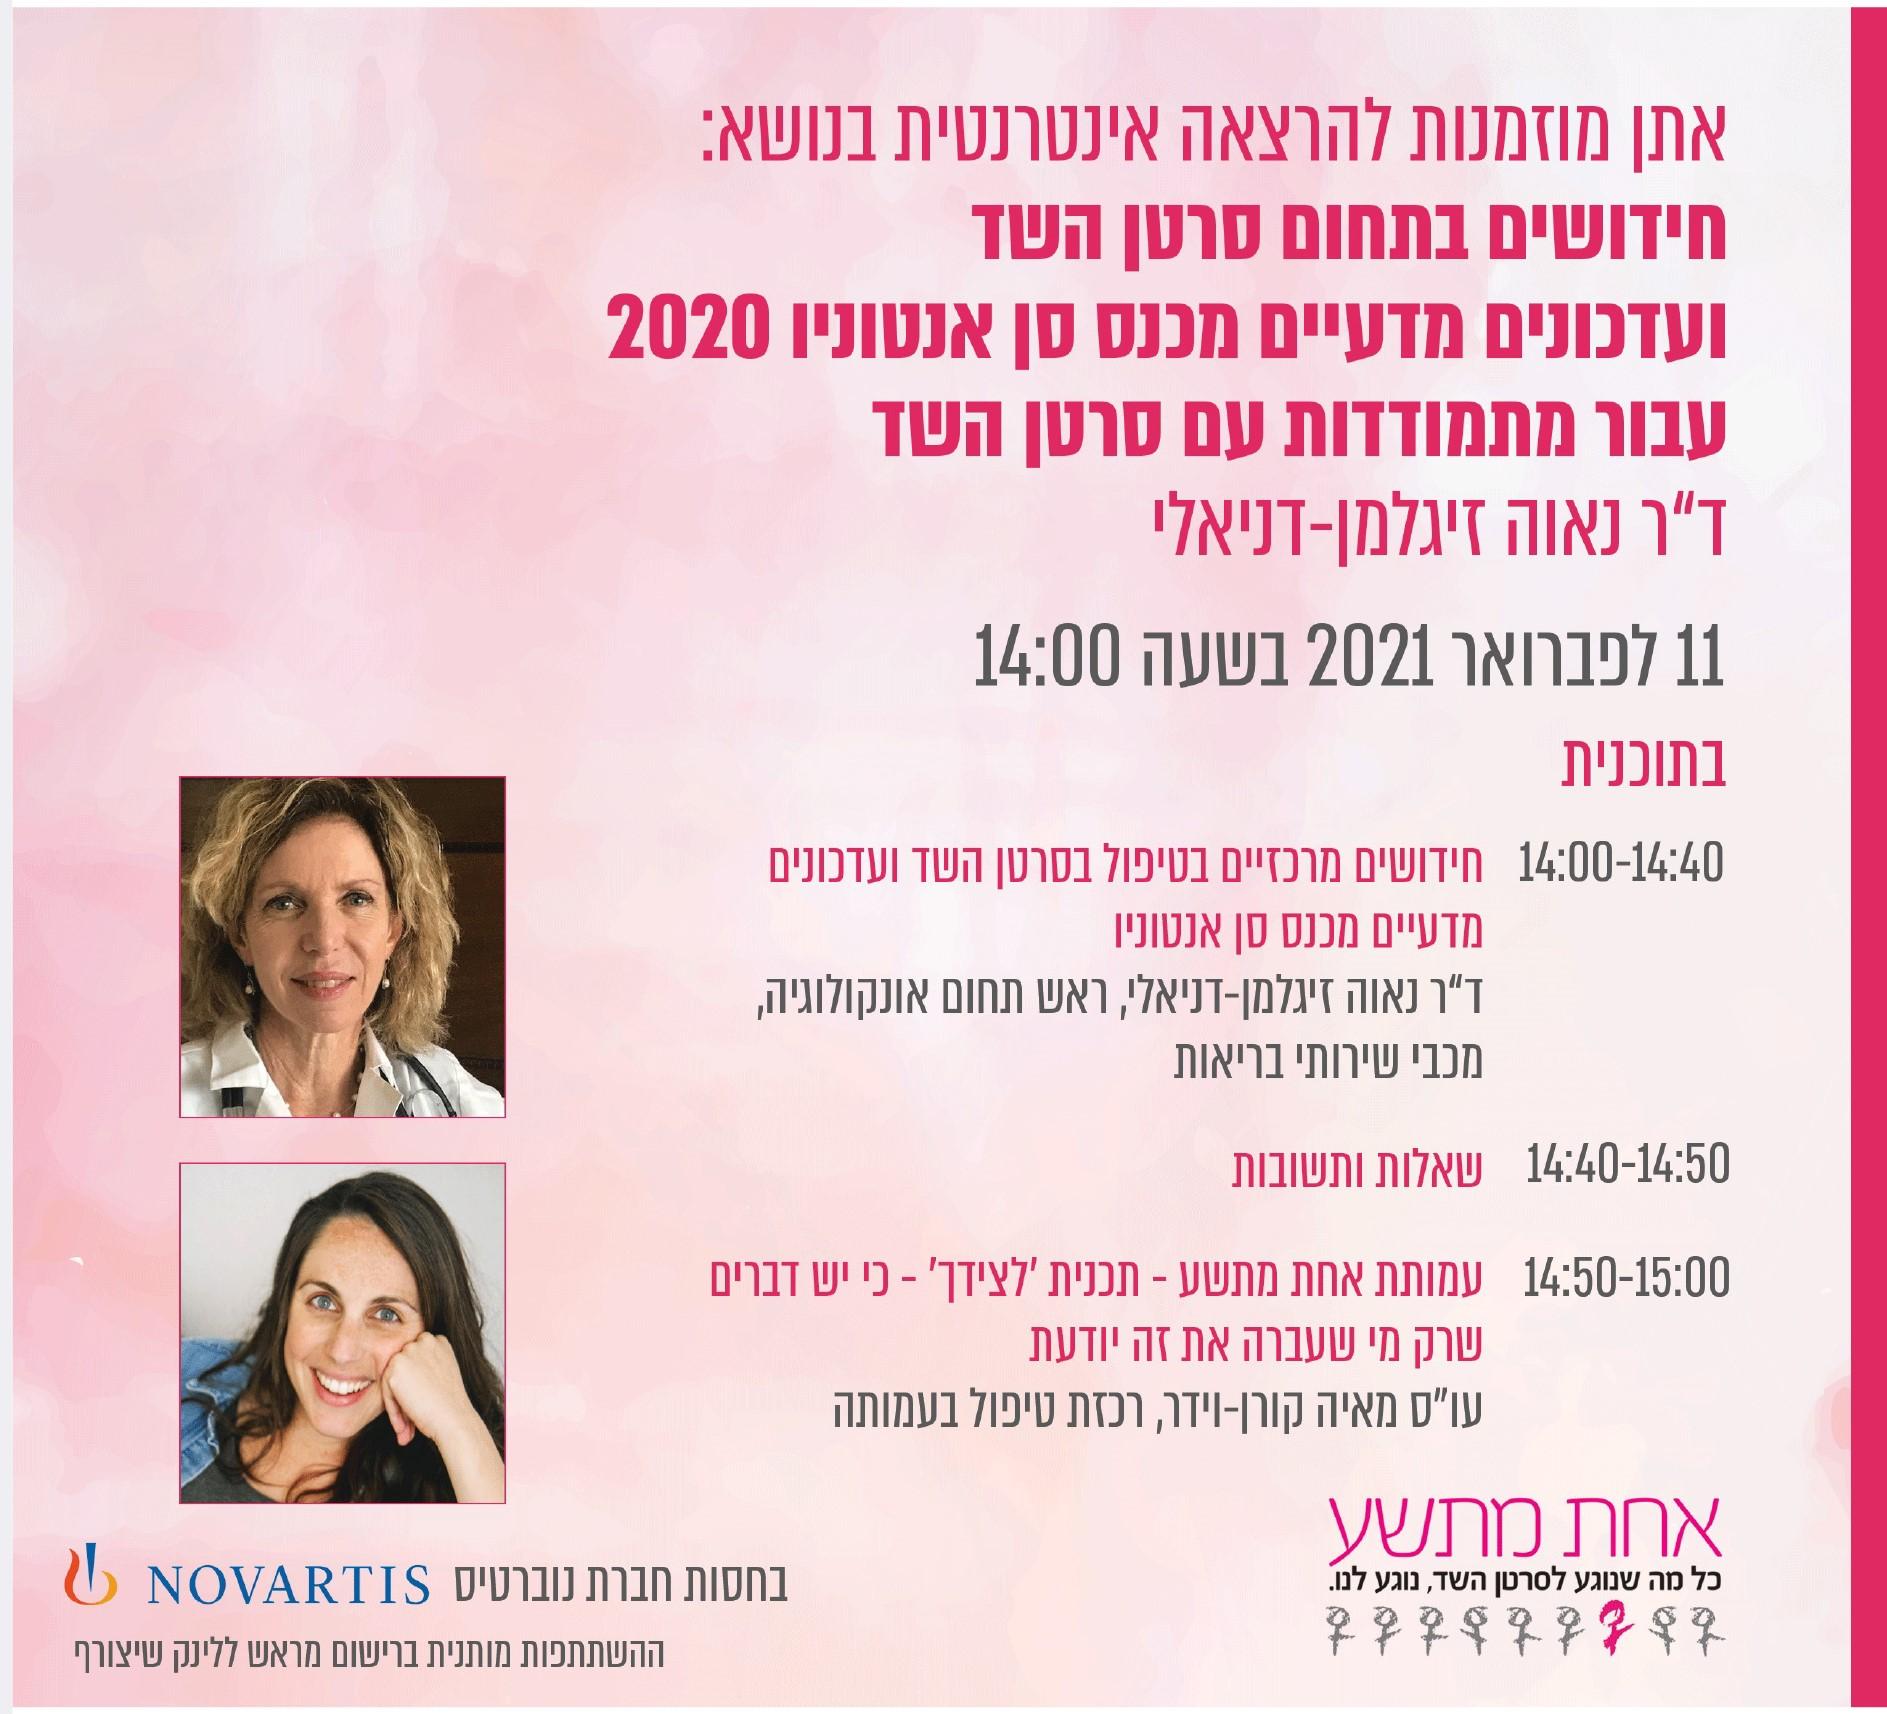 הזמנה לוובינר בנושא חידושים בתחם סרטן השד בתאריך ה-11 בפברואר בשעה 14:00; בתוכנית: 14:00-14:40הרצאה מאת ד